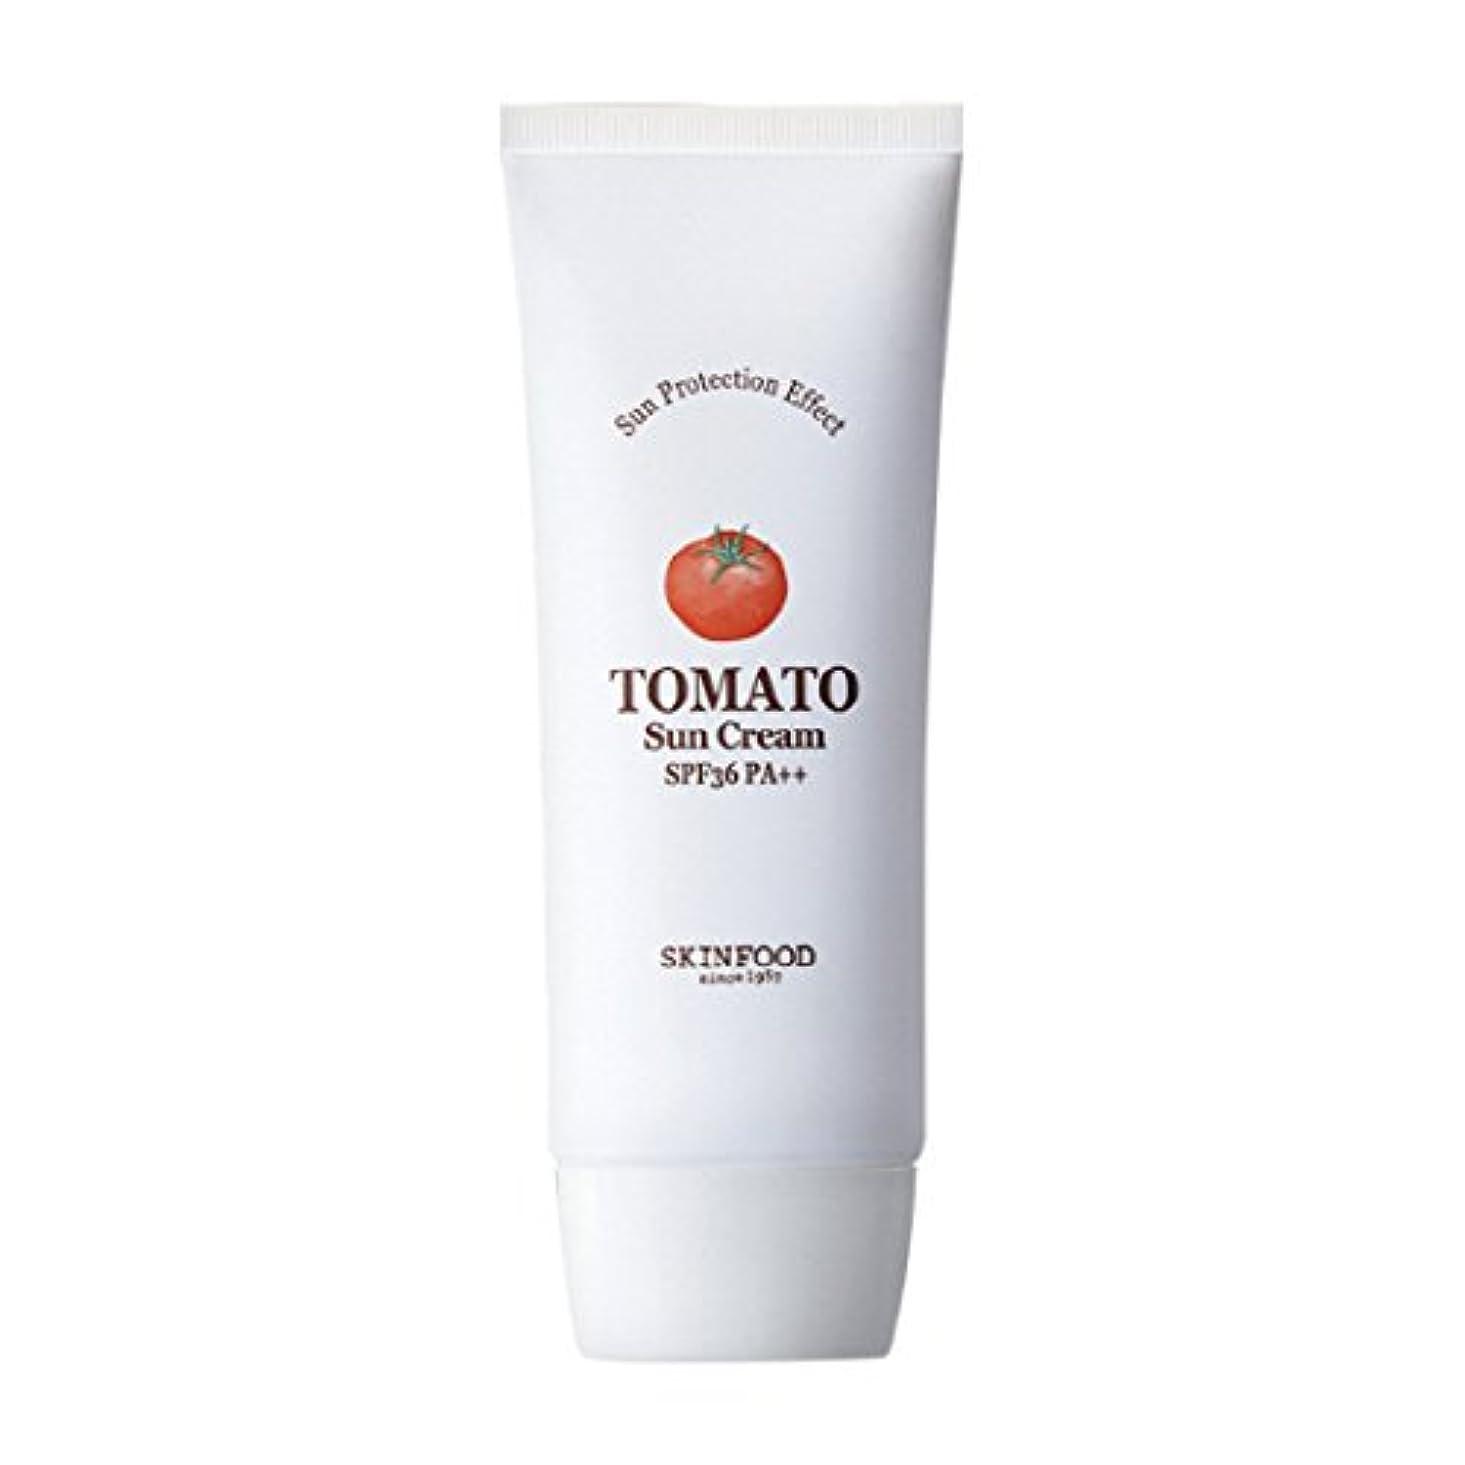 助けて充実敵対的Skinfood トマトサンクリームSPF 36 PA ++(UVプロテクション) / Tomato Sun Cream SPF 36 PA++ (UV Protection) 50ml [並行輸入品]